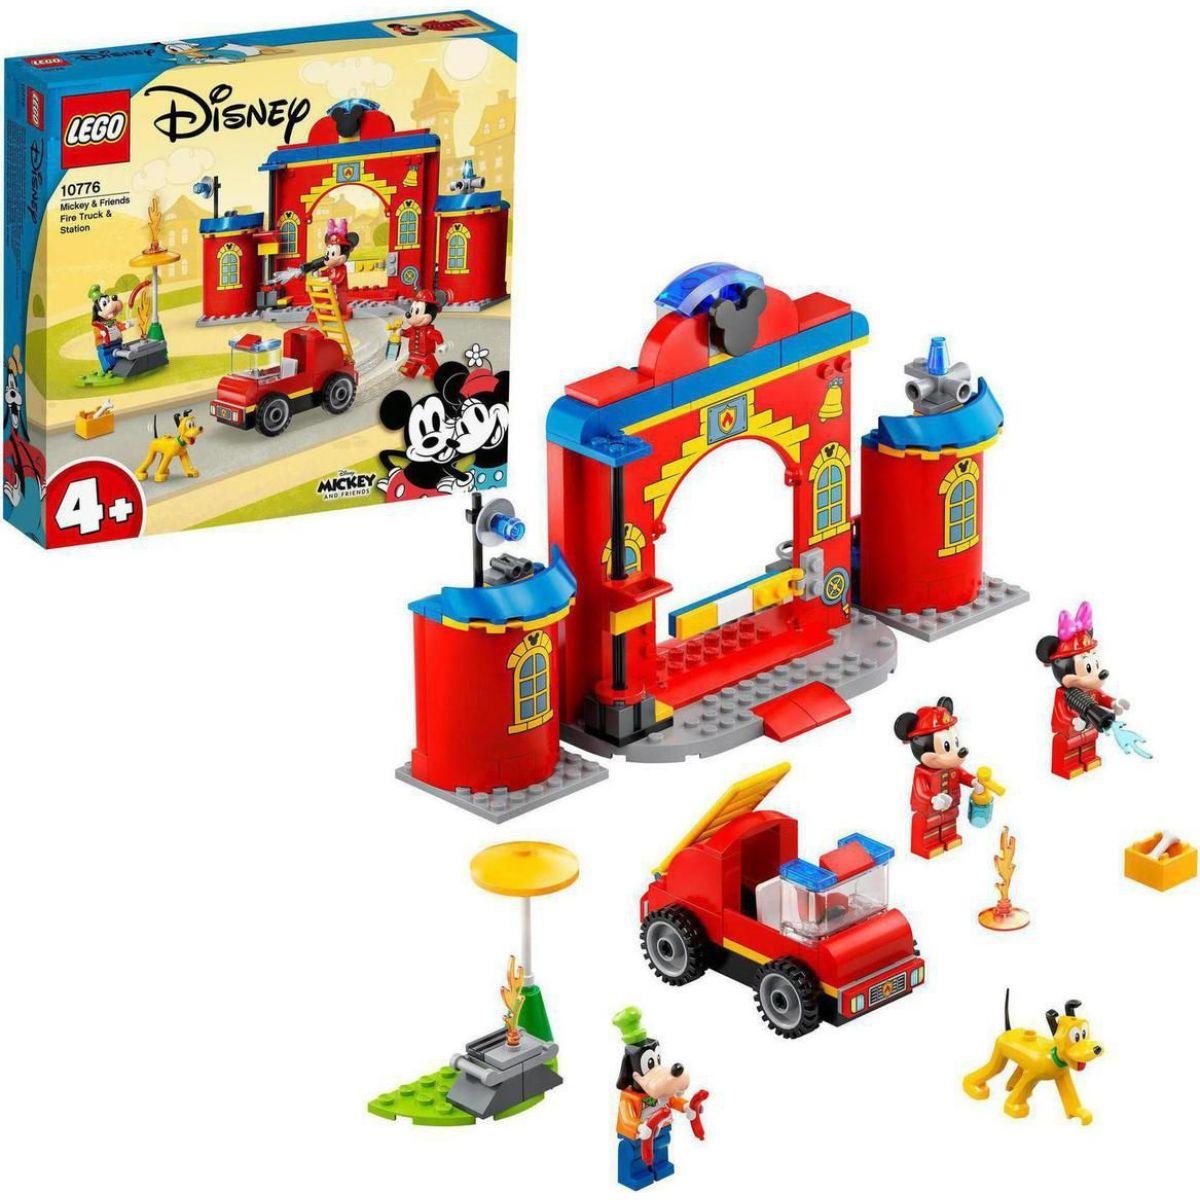 LEGO Disney 10776 Hasičská stanice a auto Mickeyho a přátel